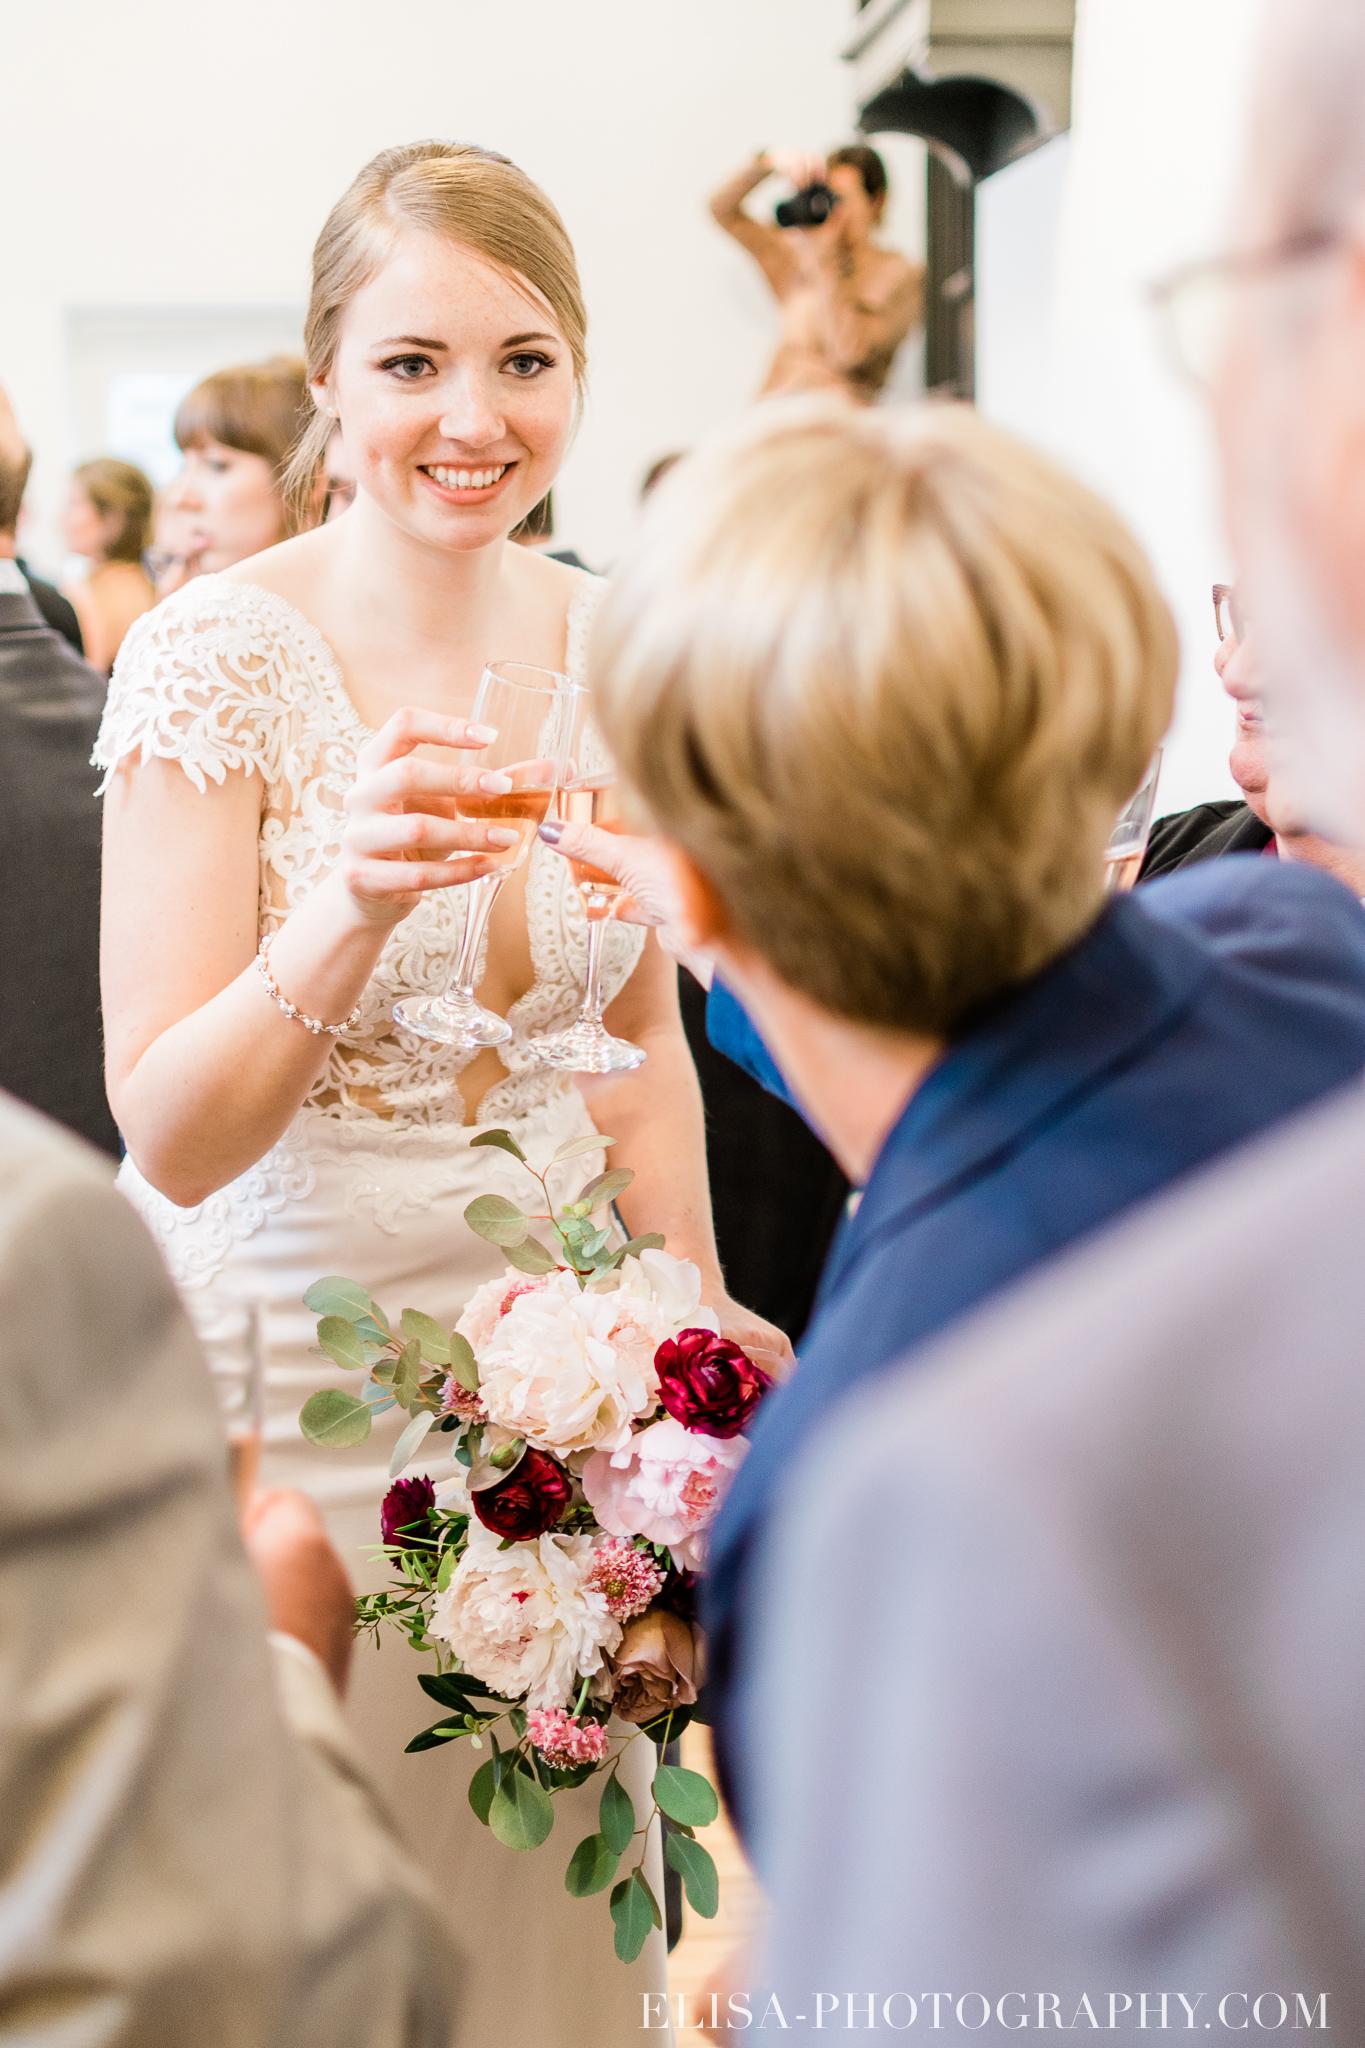 photo mariage cocktail domaine cataraqui elisa photographe atelier peintre 0295 - Mariage élégant et discret au coeur du magnifique Domaine Cataraqui, Québec